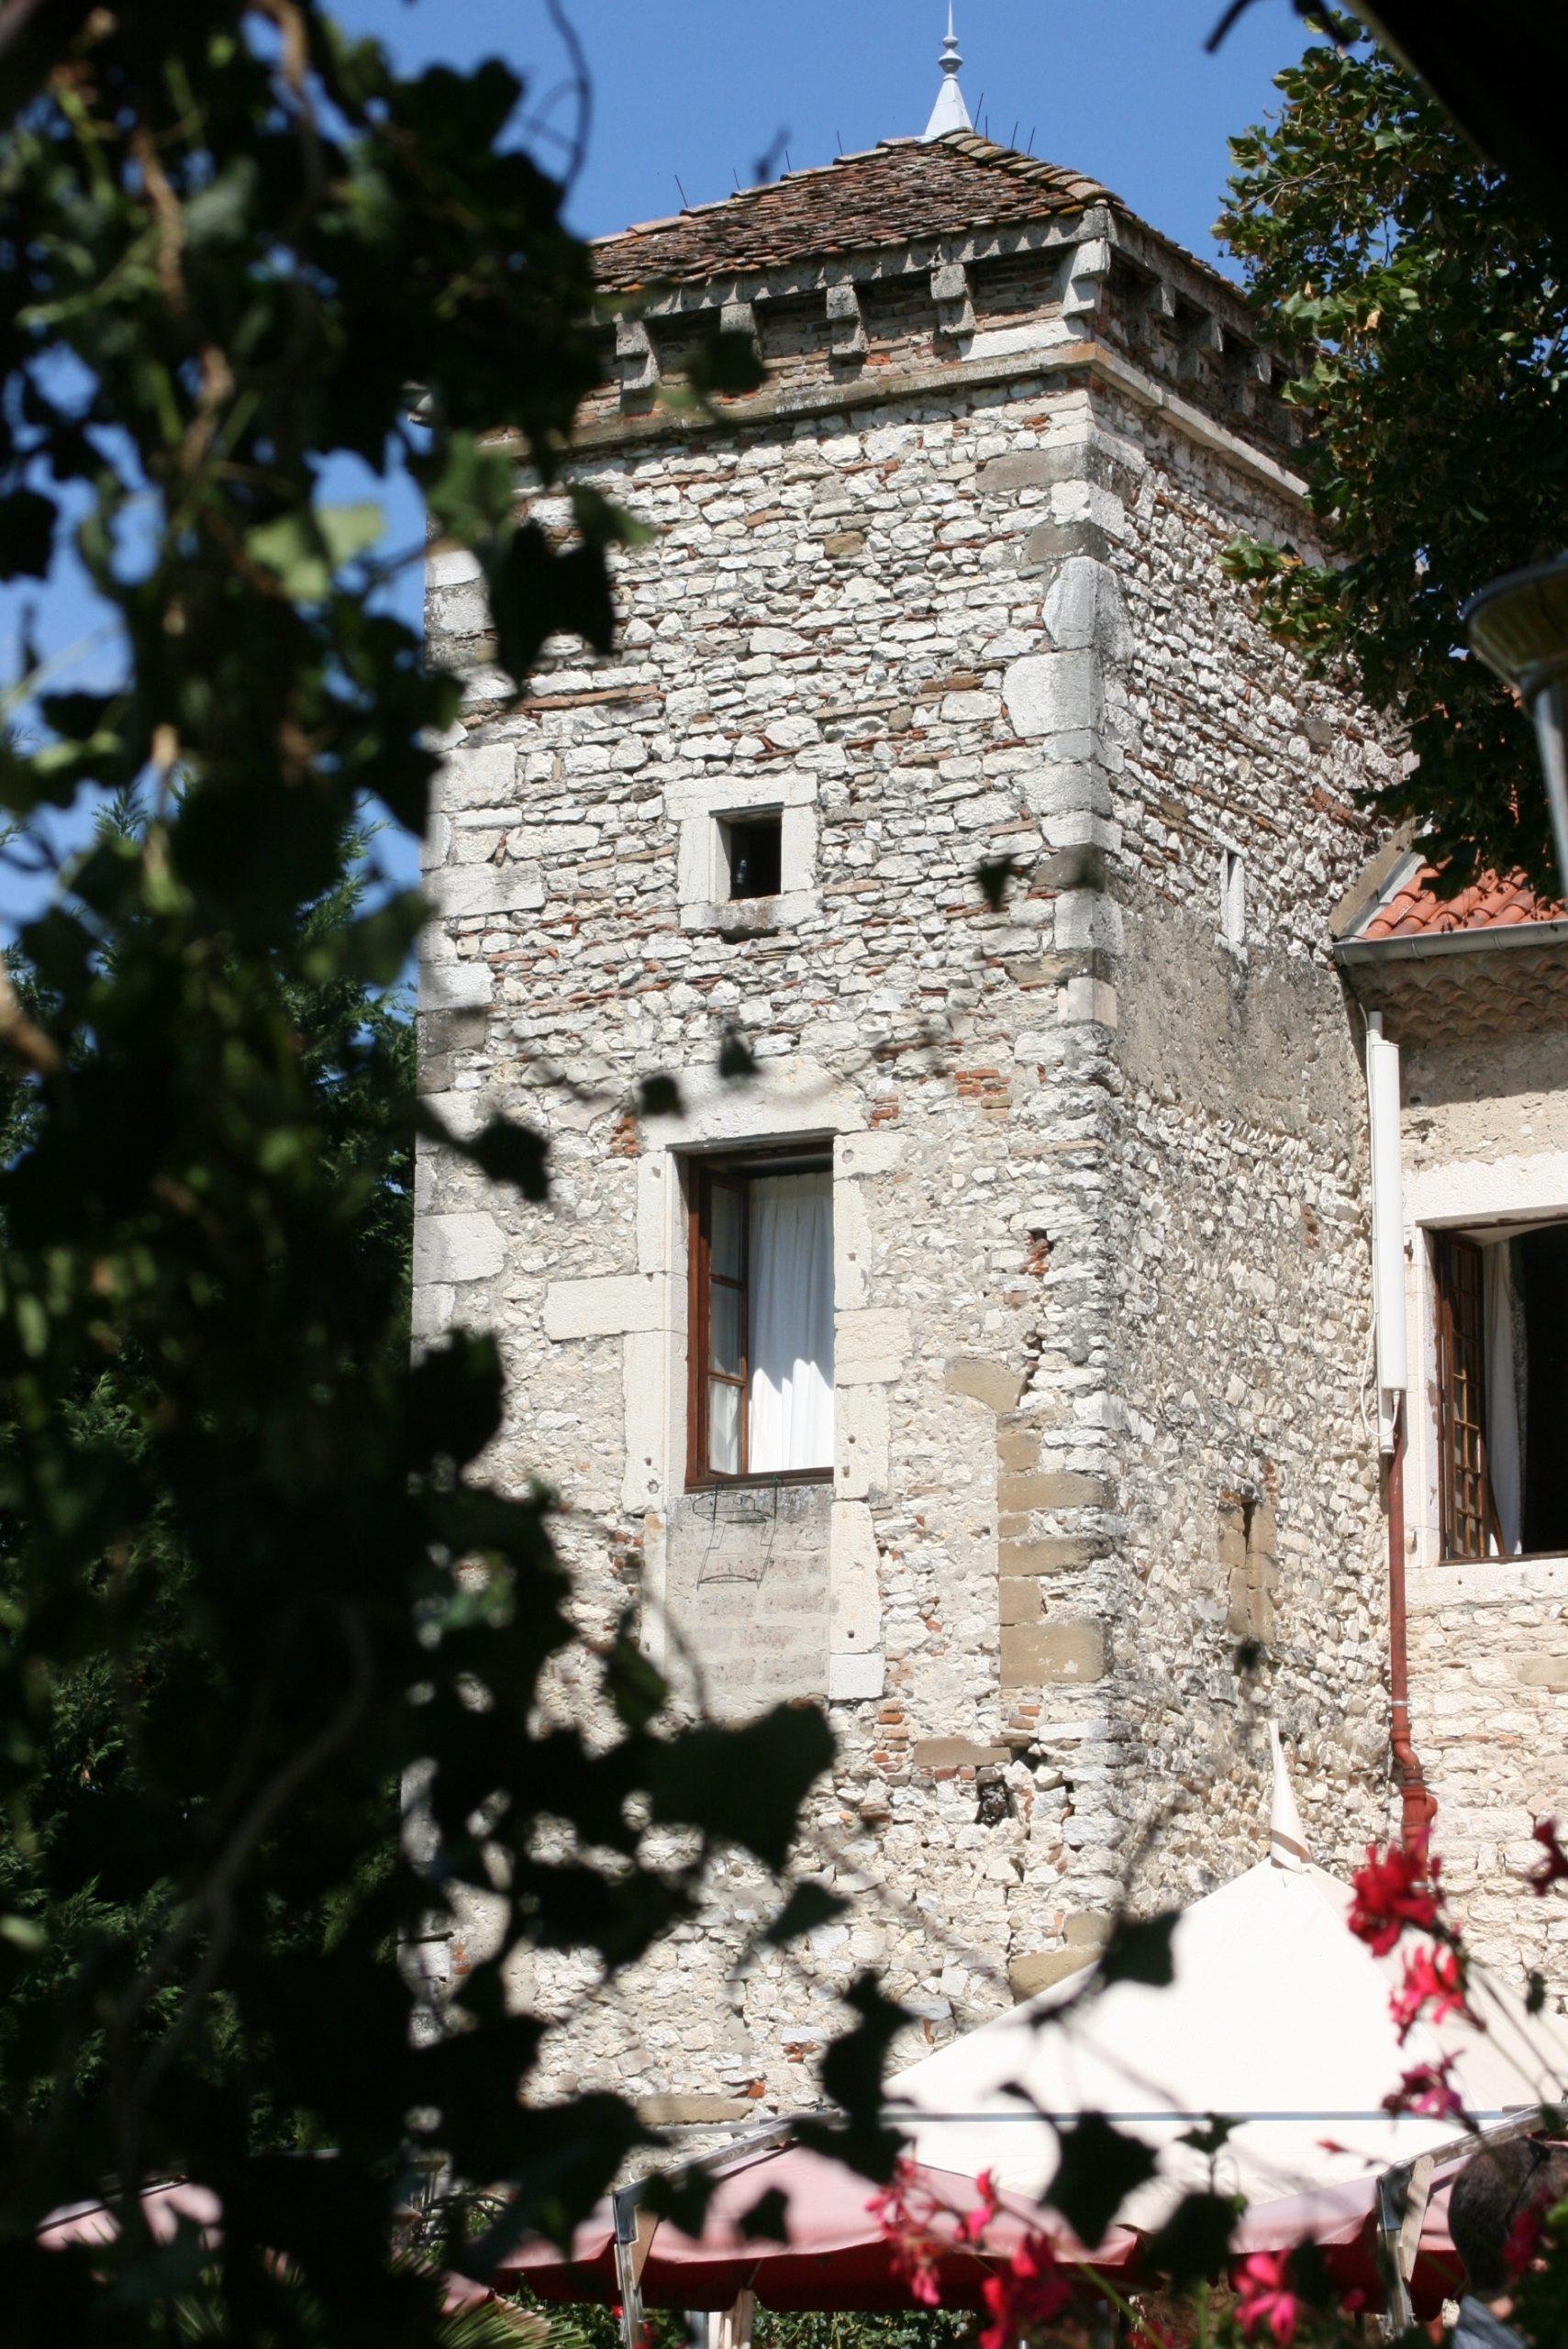 ancien bâtiment vue de l'extérieur